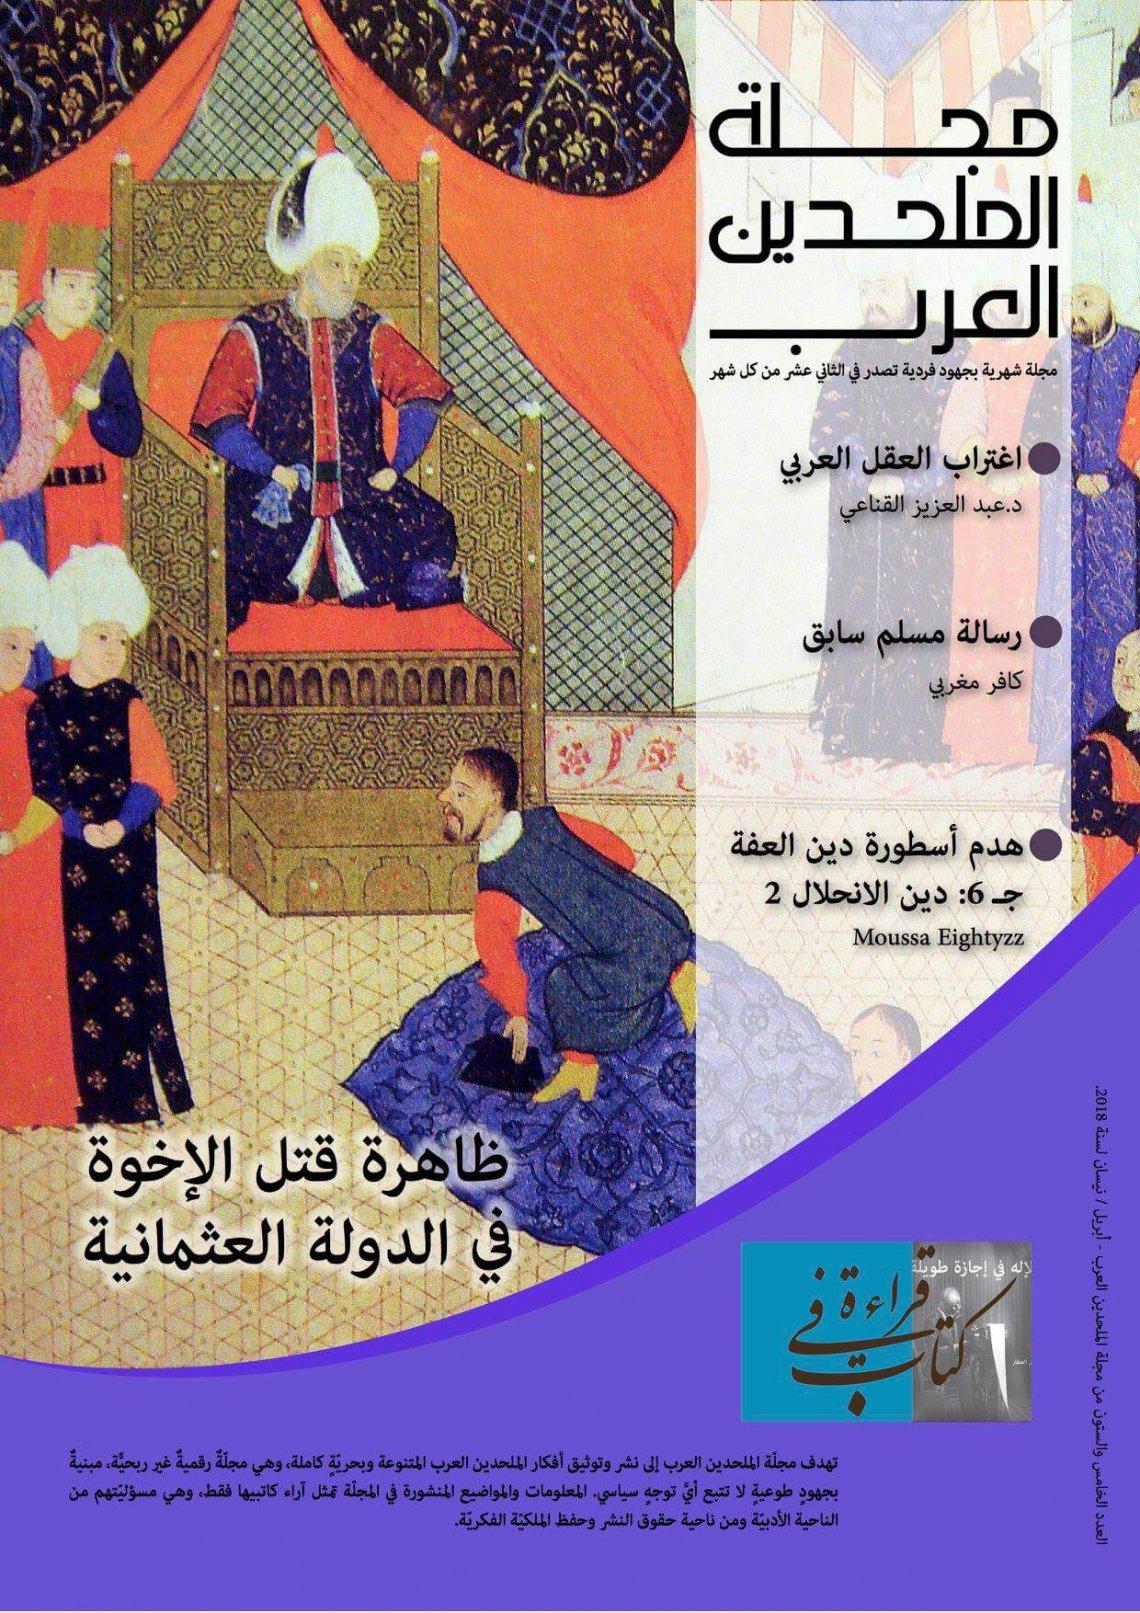 مجلة الملحدين العرب: العدد الخامس والستون / أبريل نيسان / 2018